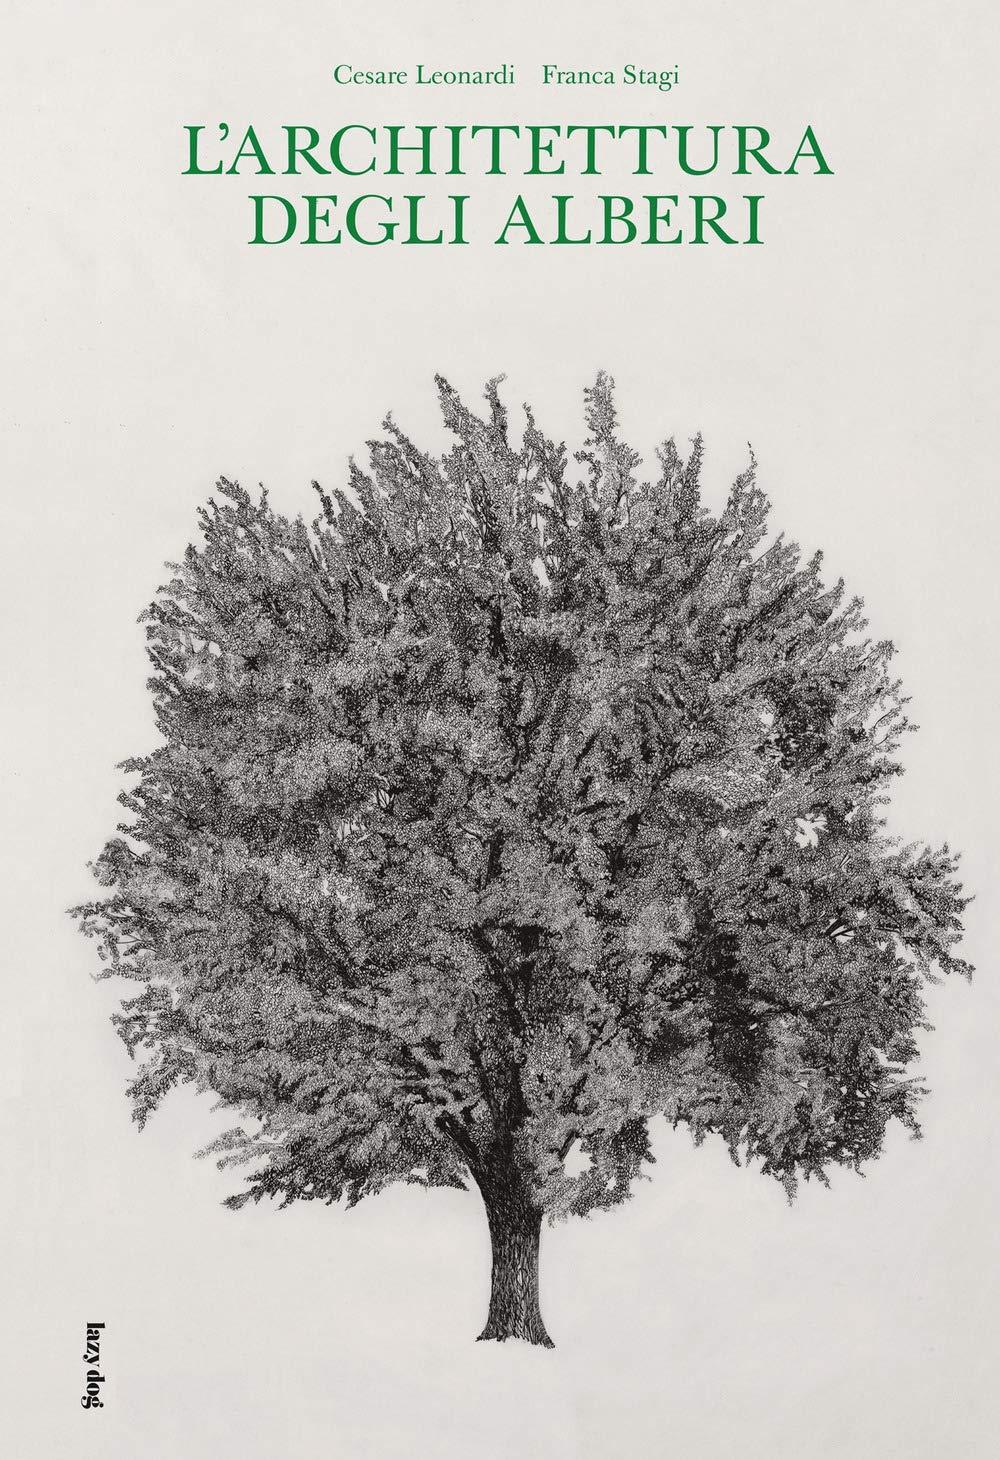 Architettura degli alberi